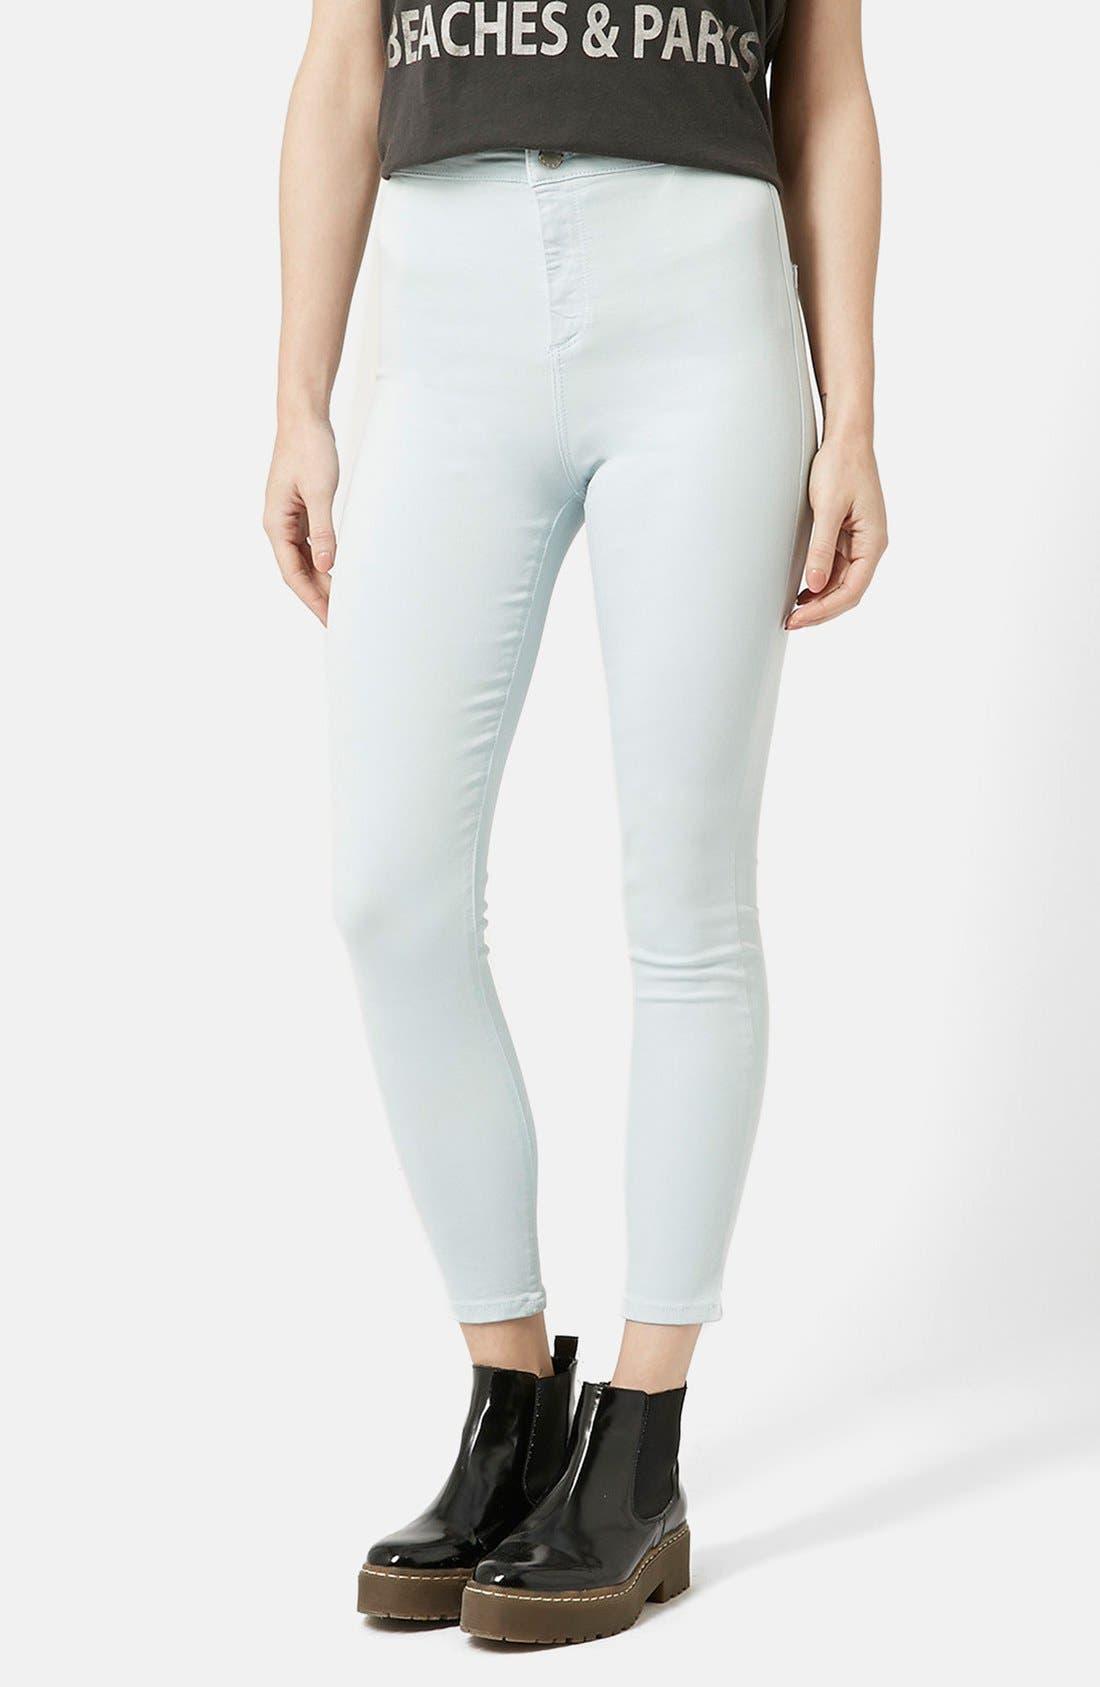 Main Image - Topshop Moto 'Joni' High Rise Jeans (Light Blue) (Regular & Short)